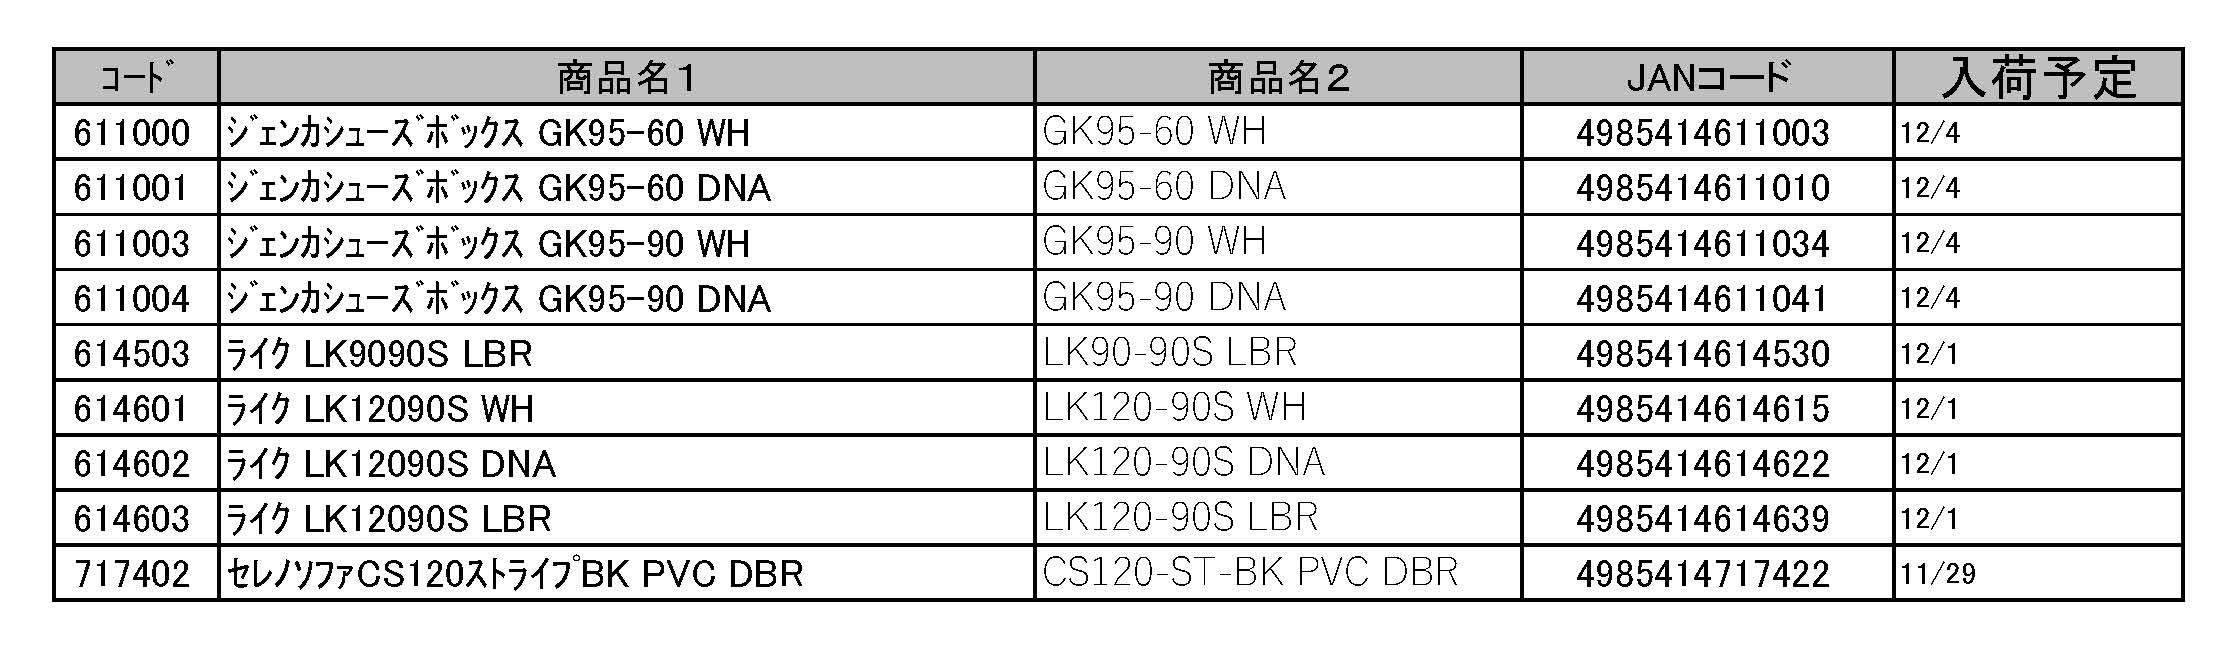 入荷予定2017.11.29